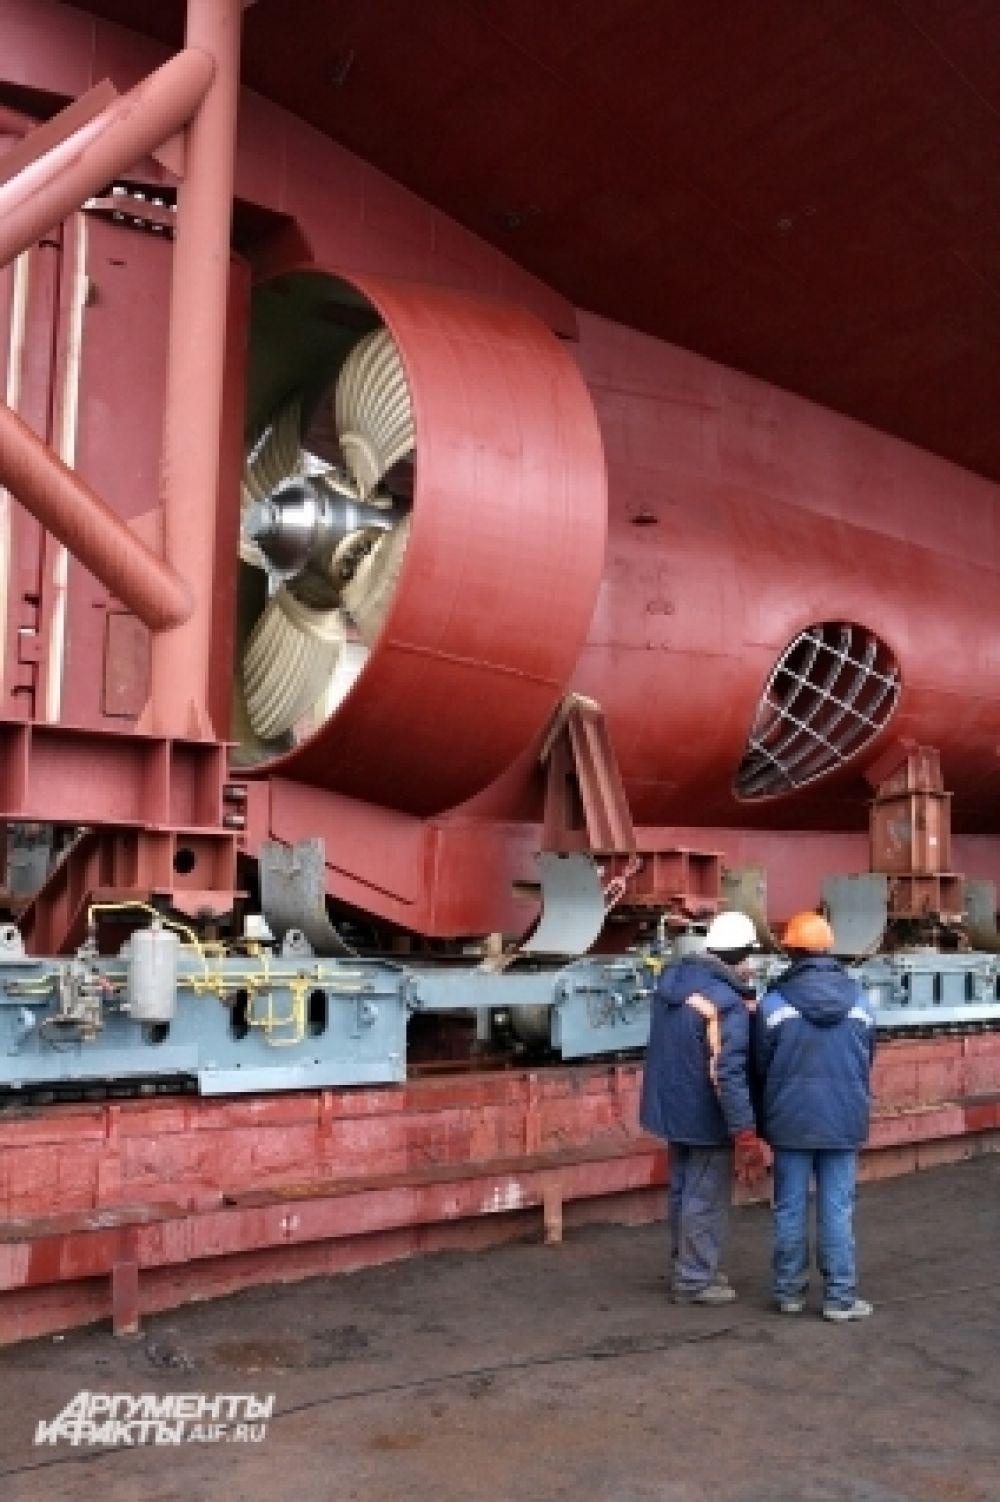 Длина судна – 50,6 м, ширина – 12 м, мощность главного двигателя – около 2200 кВт.